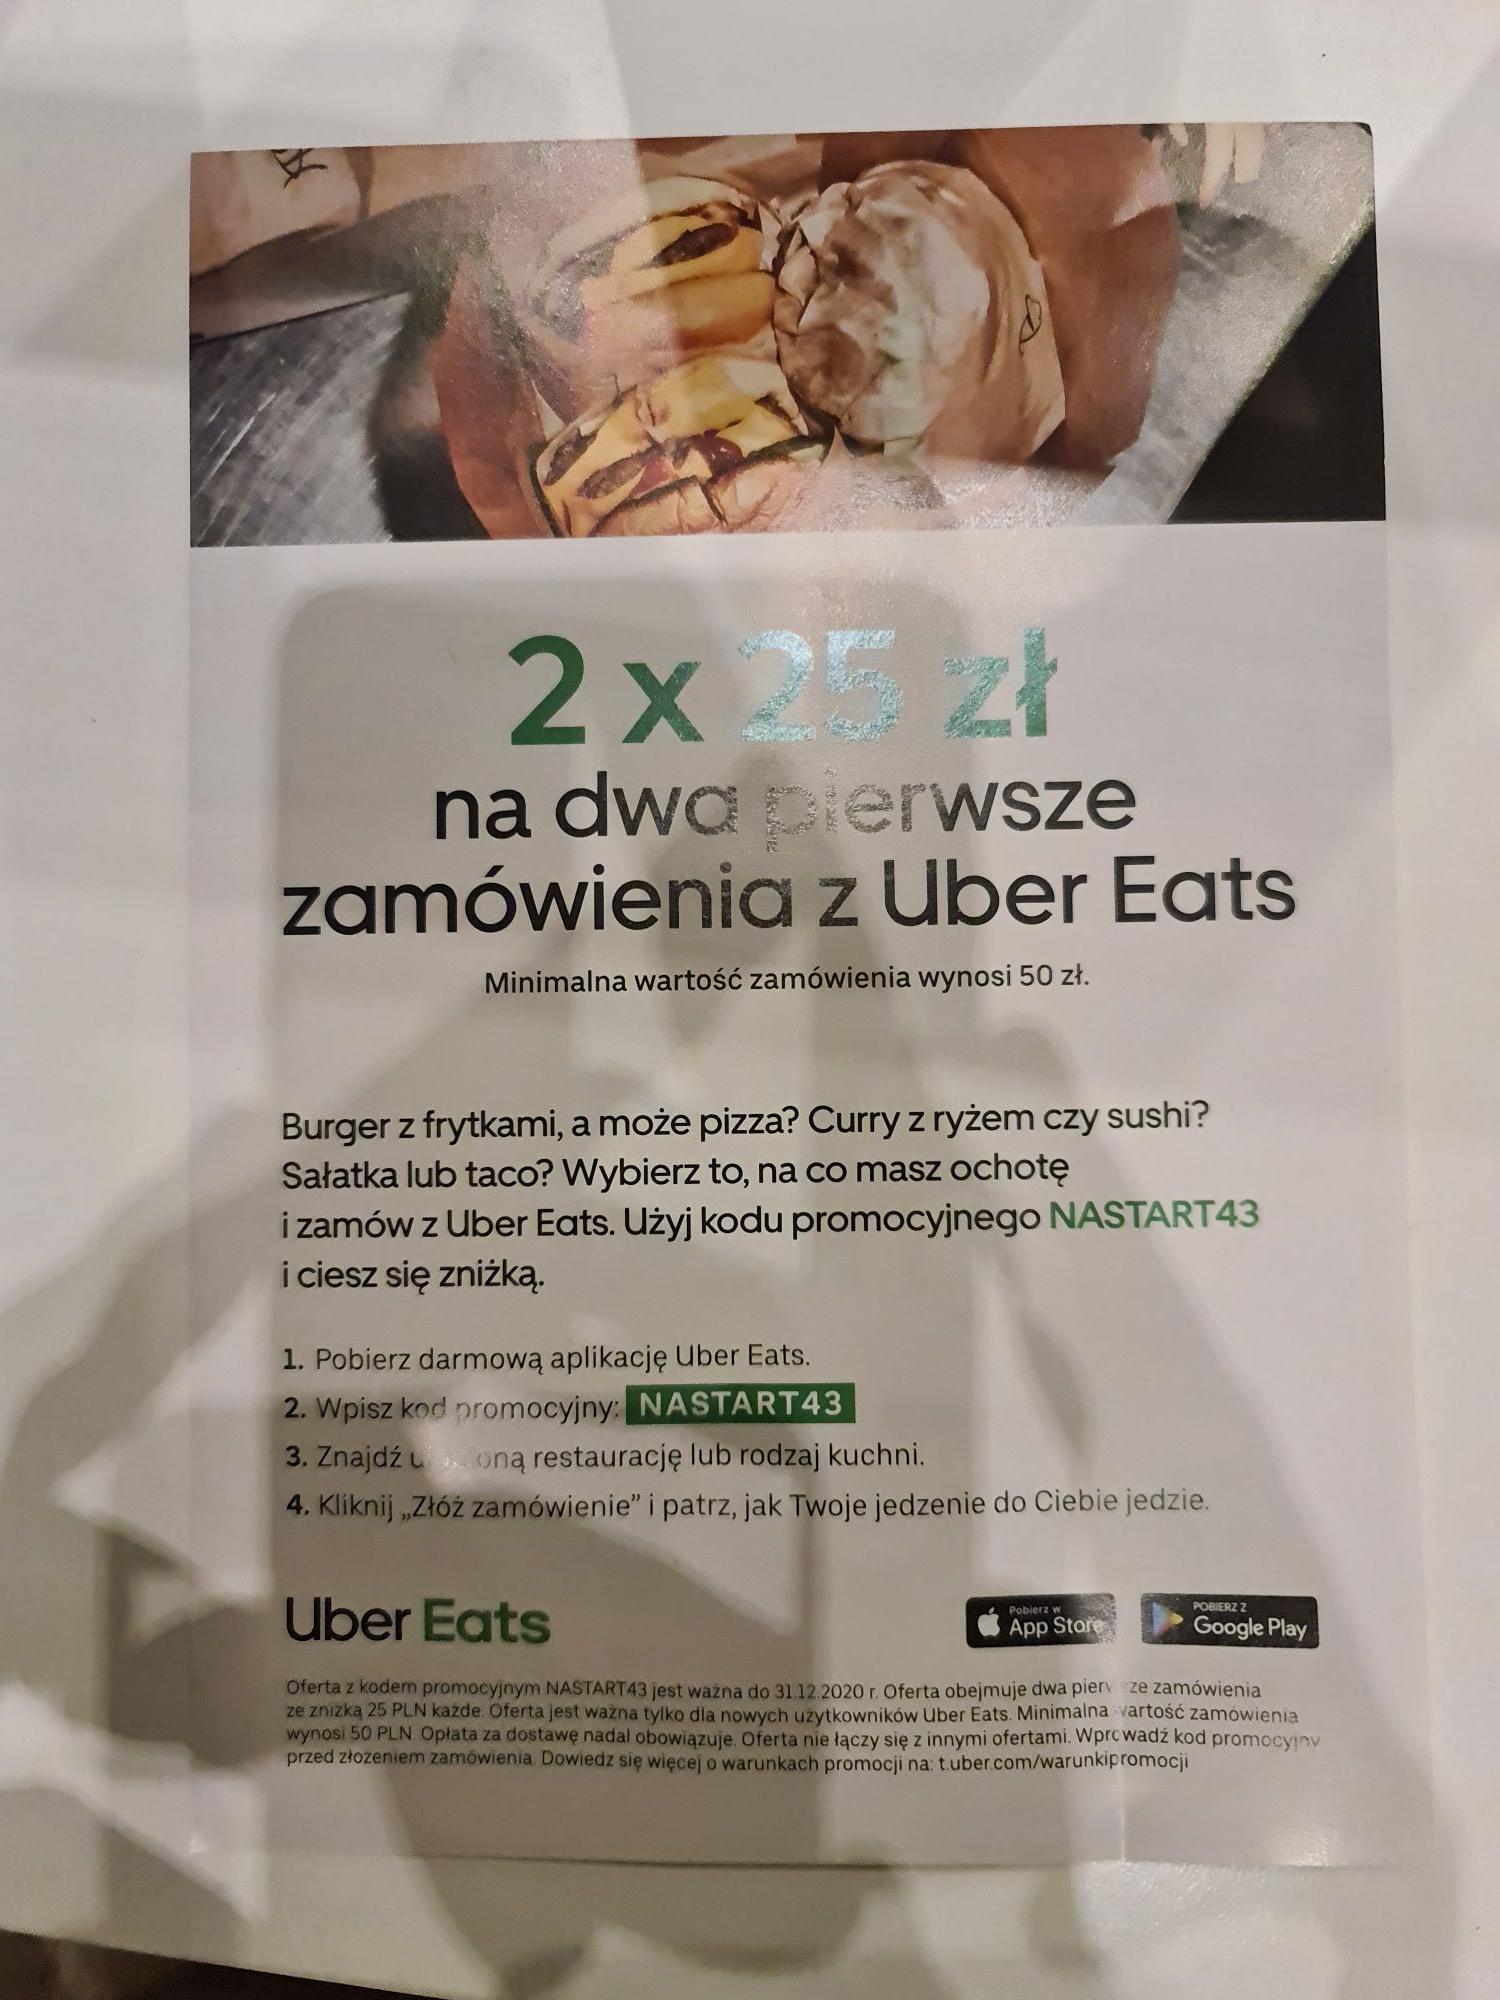 Uber Eats 2x25zł na dwa pierwsze zamówienia MWZ 50zł